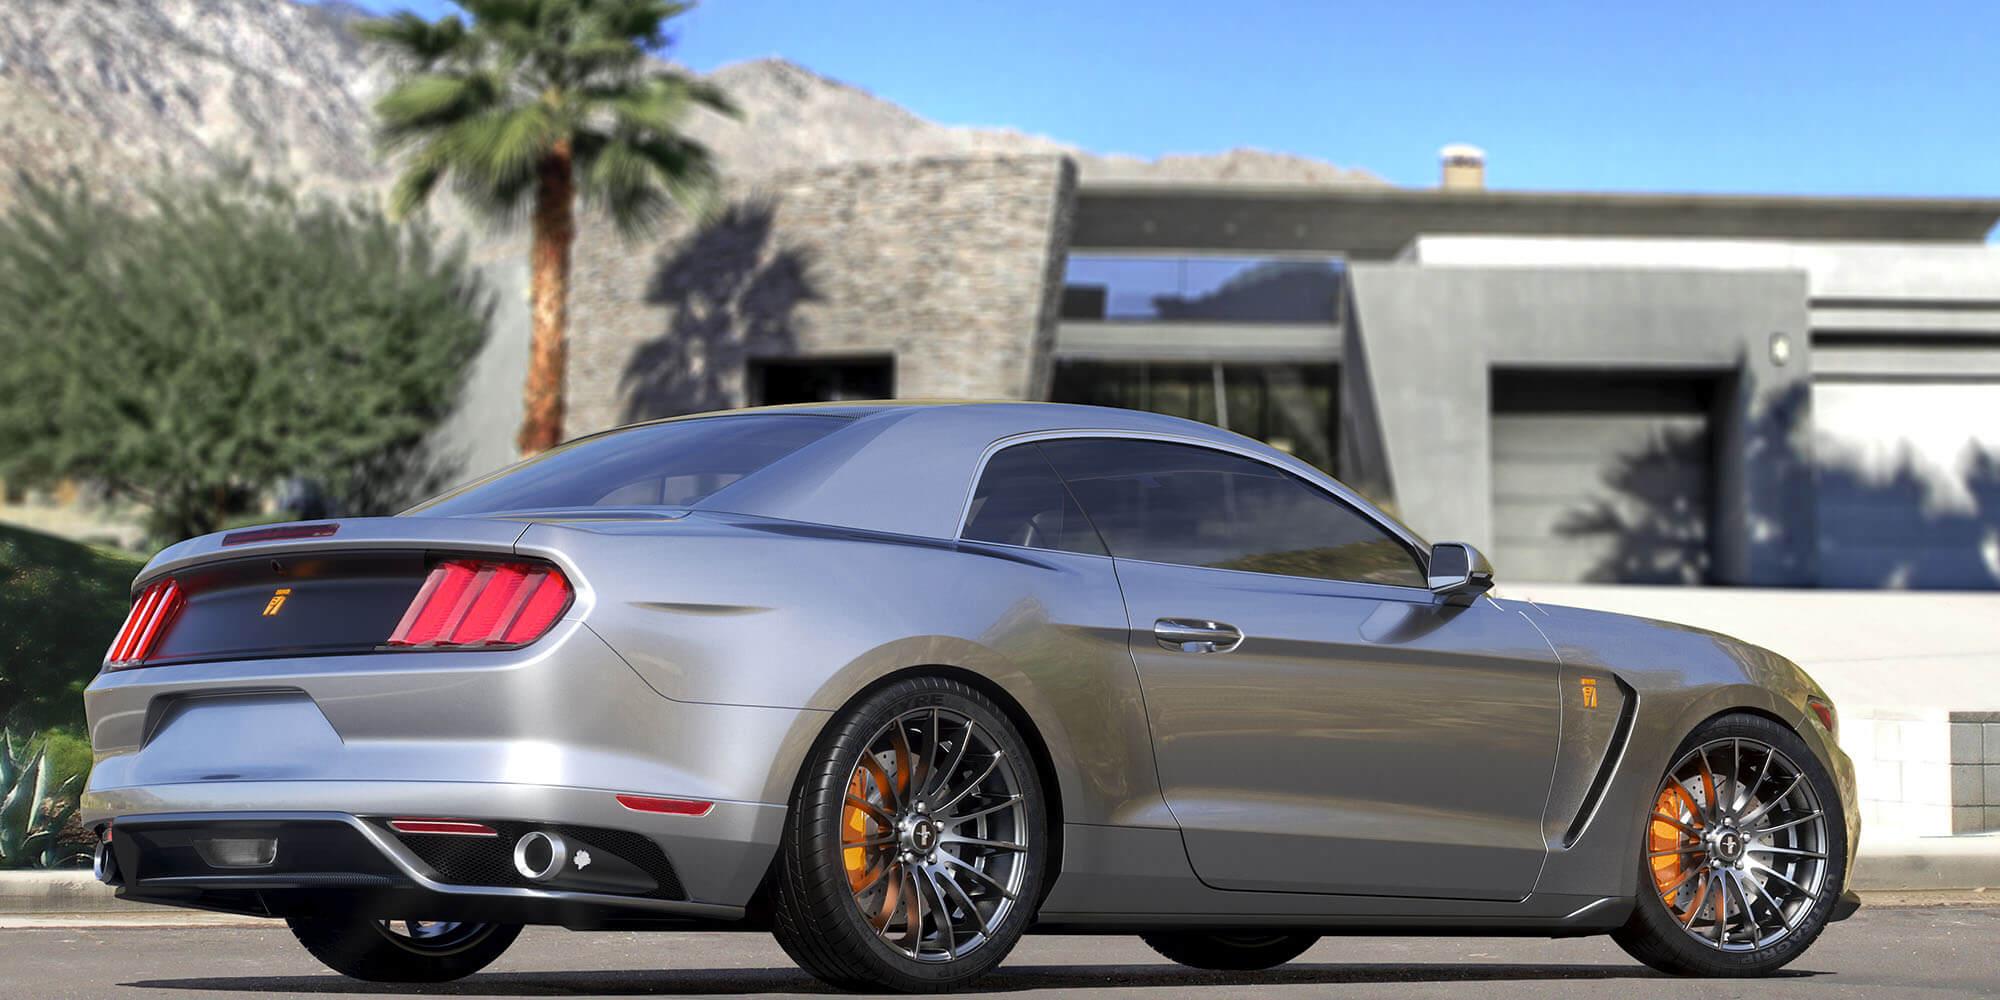 Mustang-gris-rendering.jpg